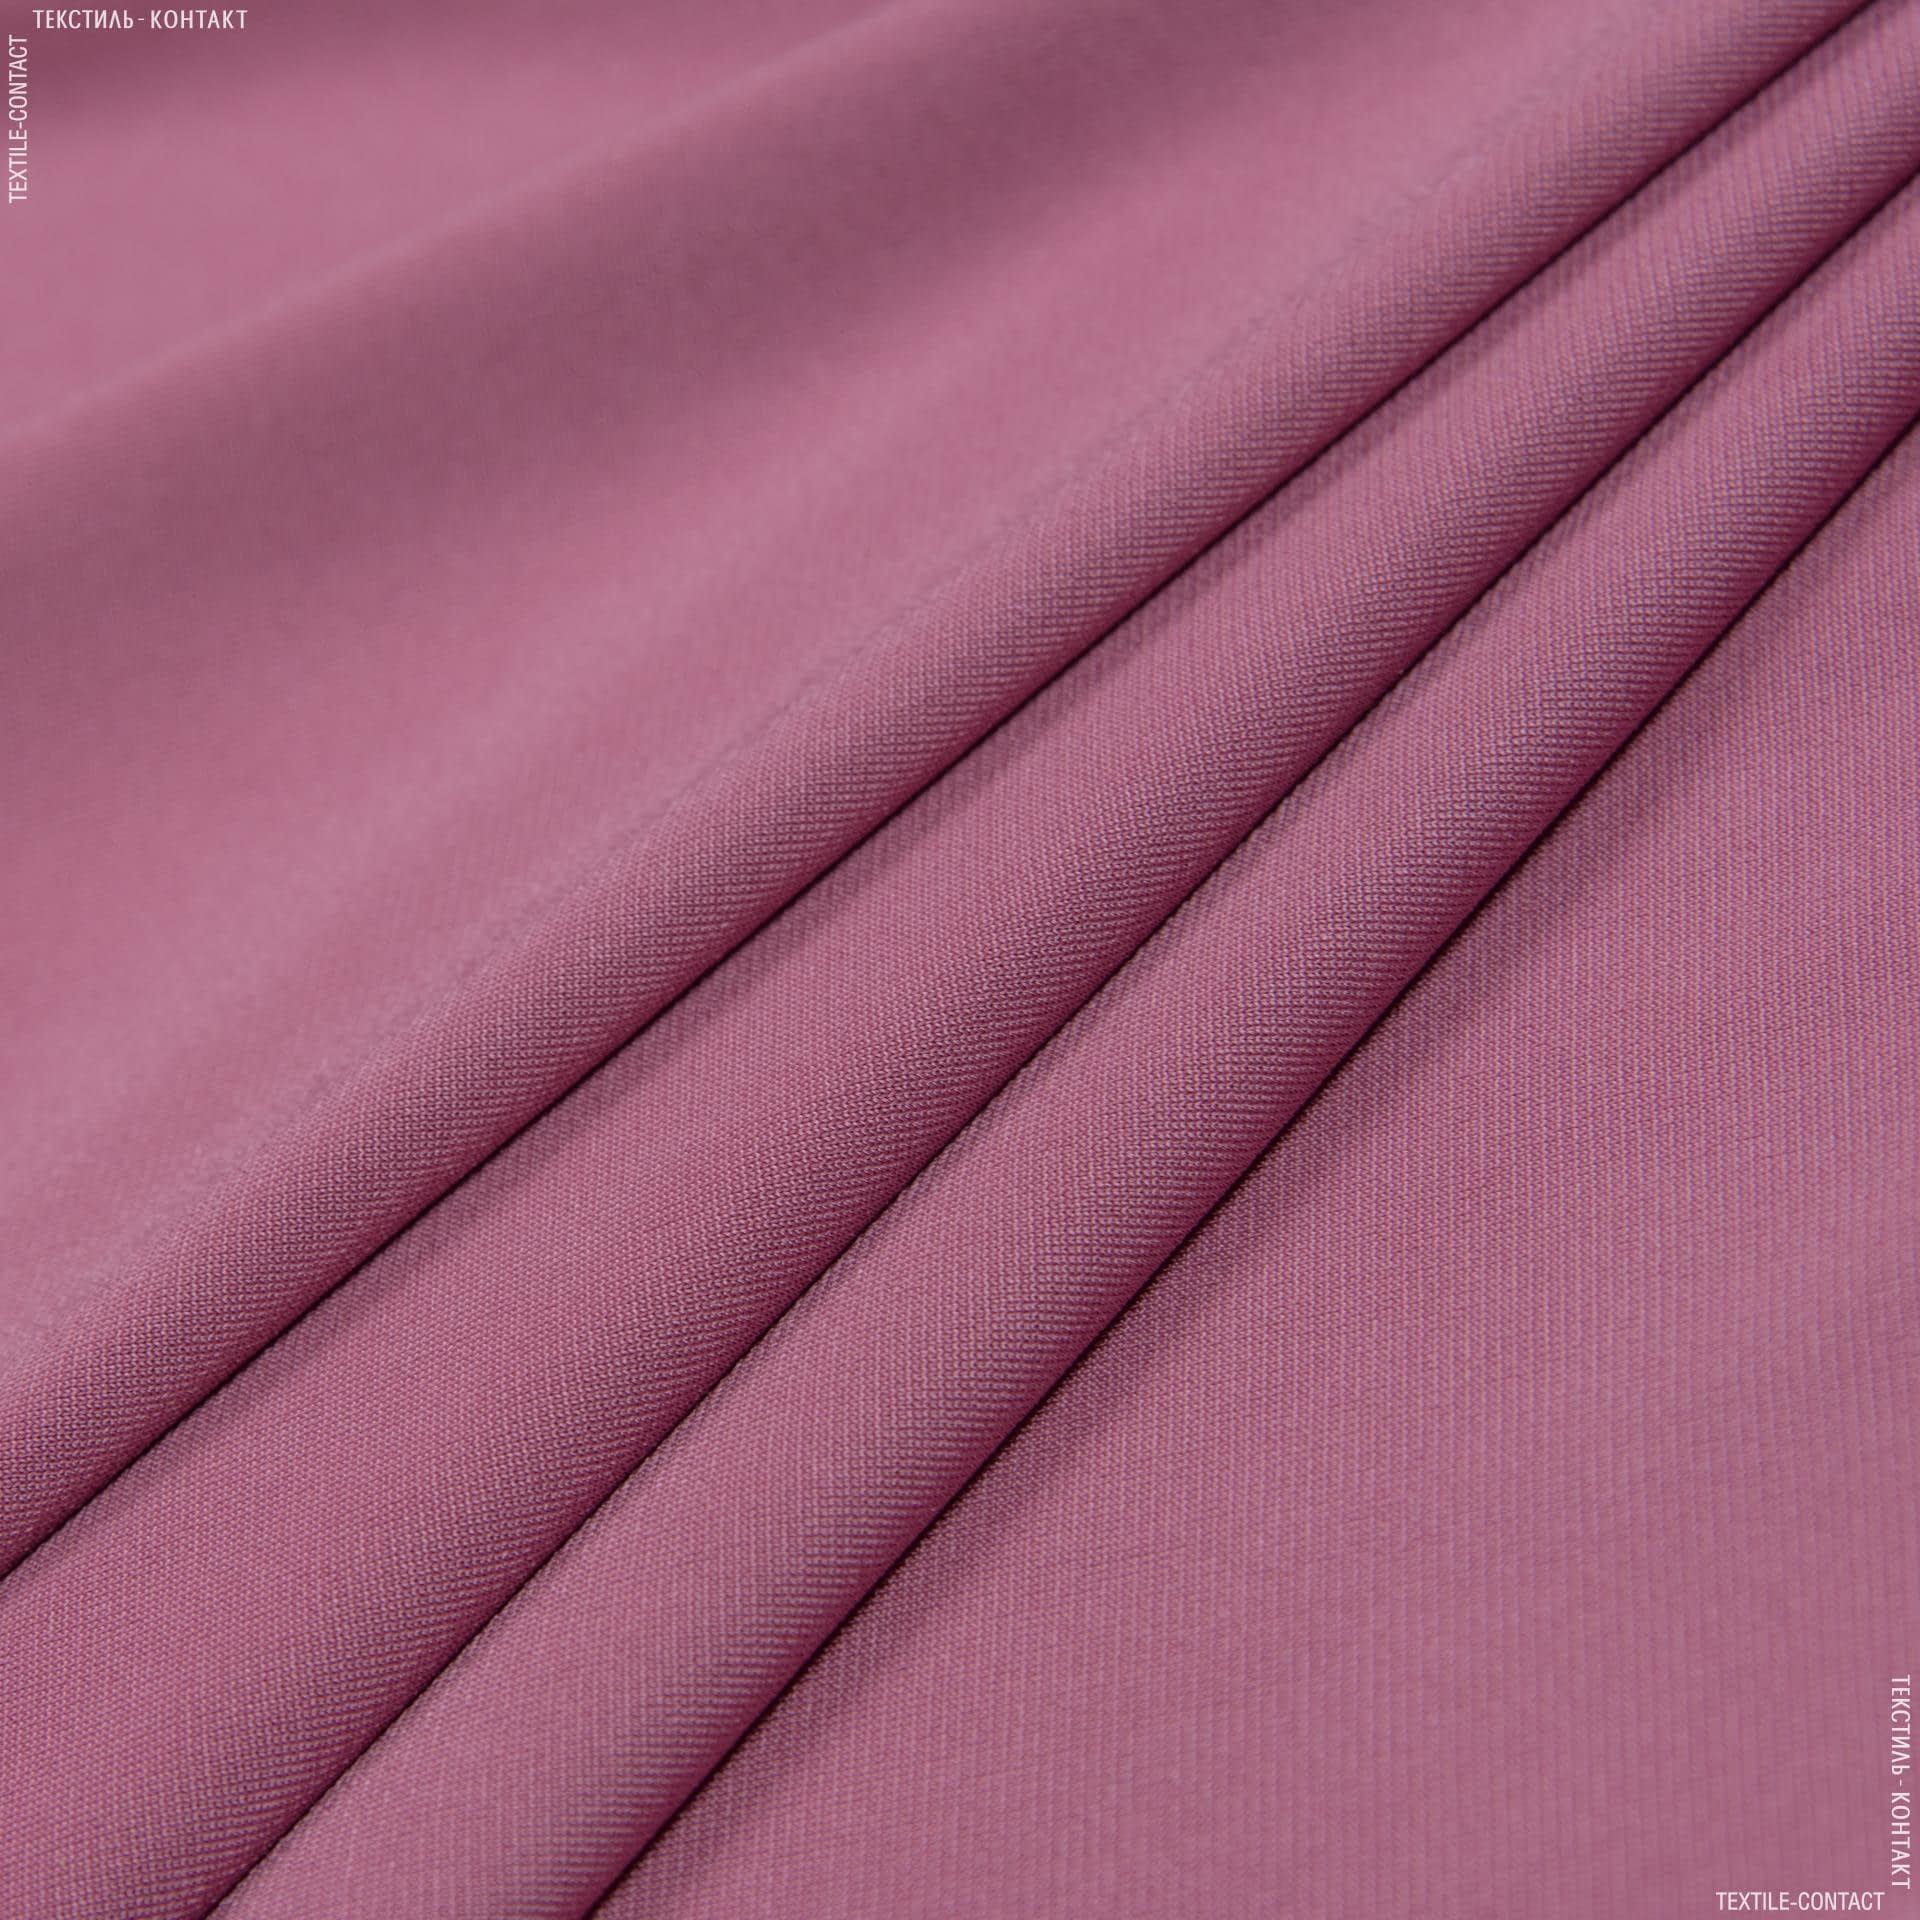 Тканини для суконь - Трикотаж масло фрезовий